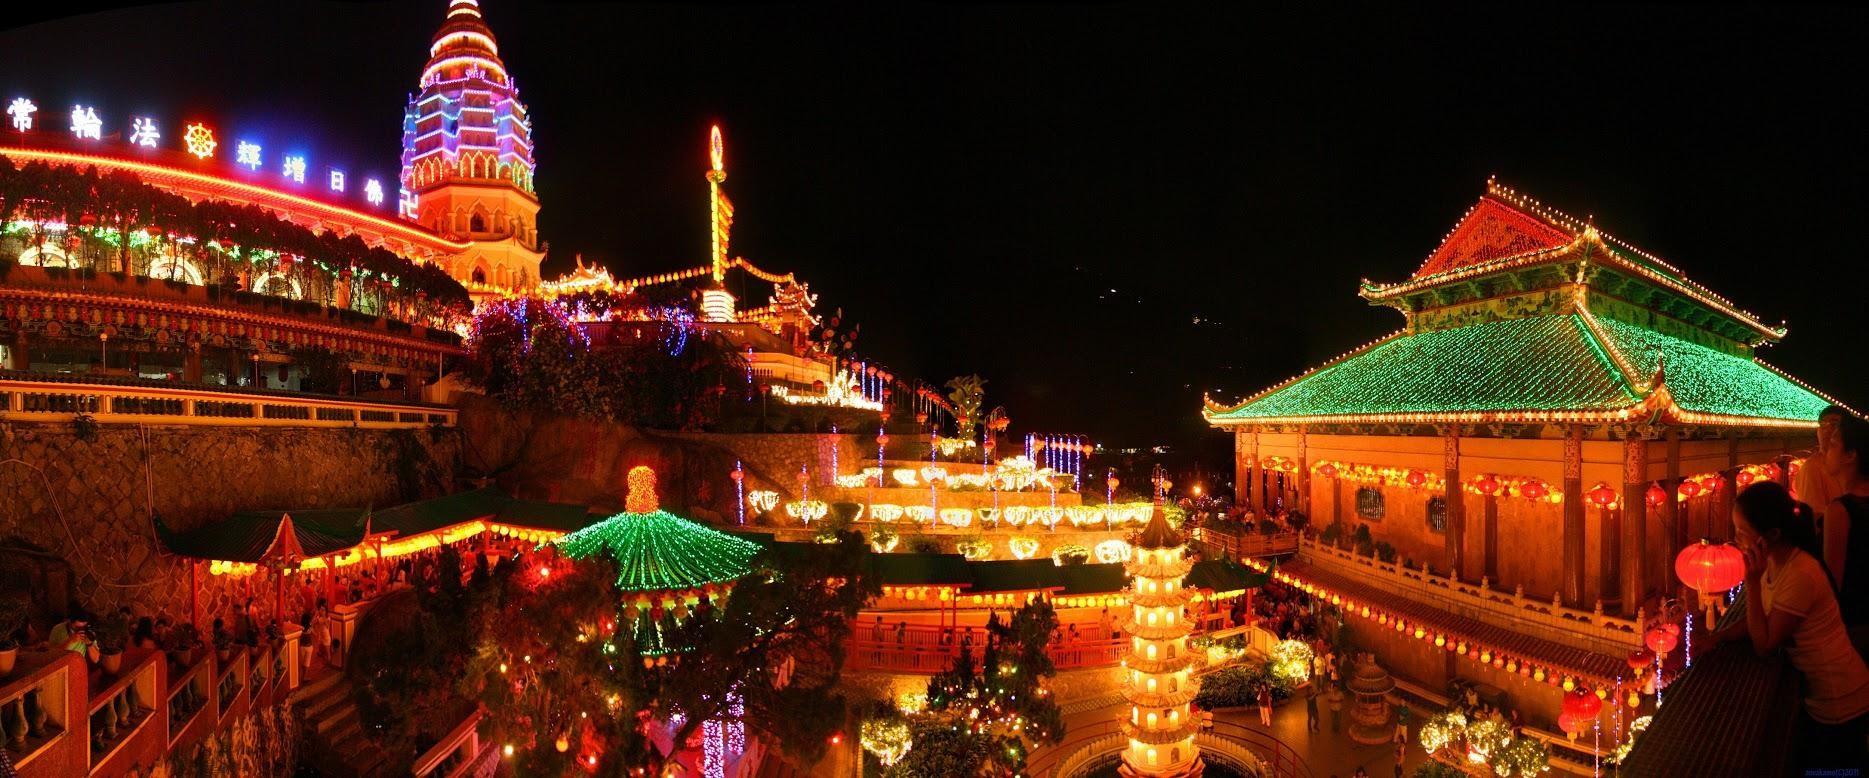 презентация что такое китайский новый год